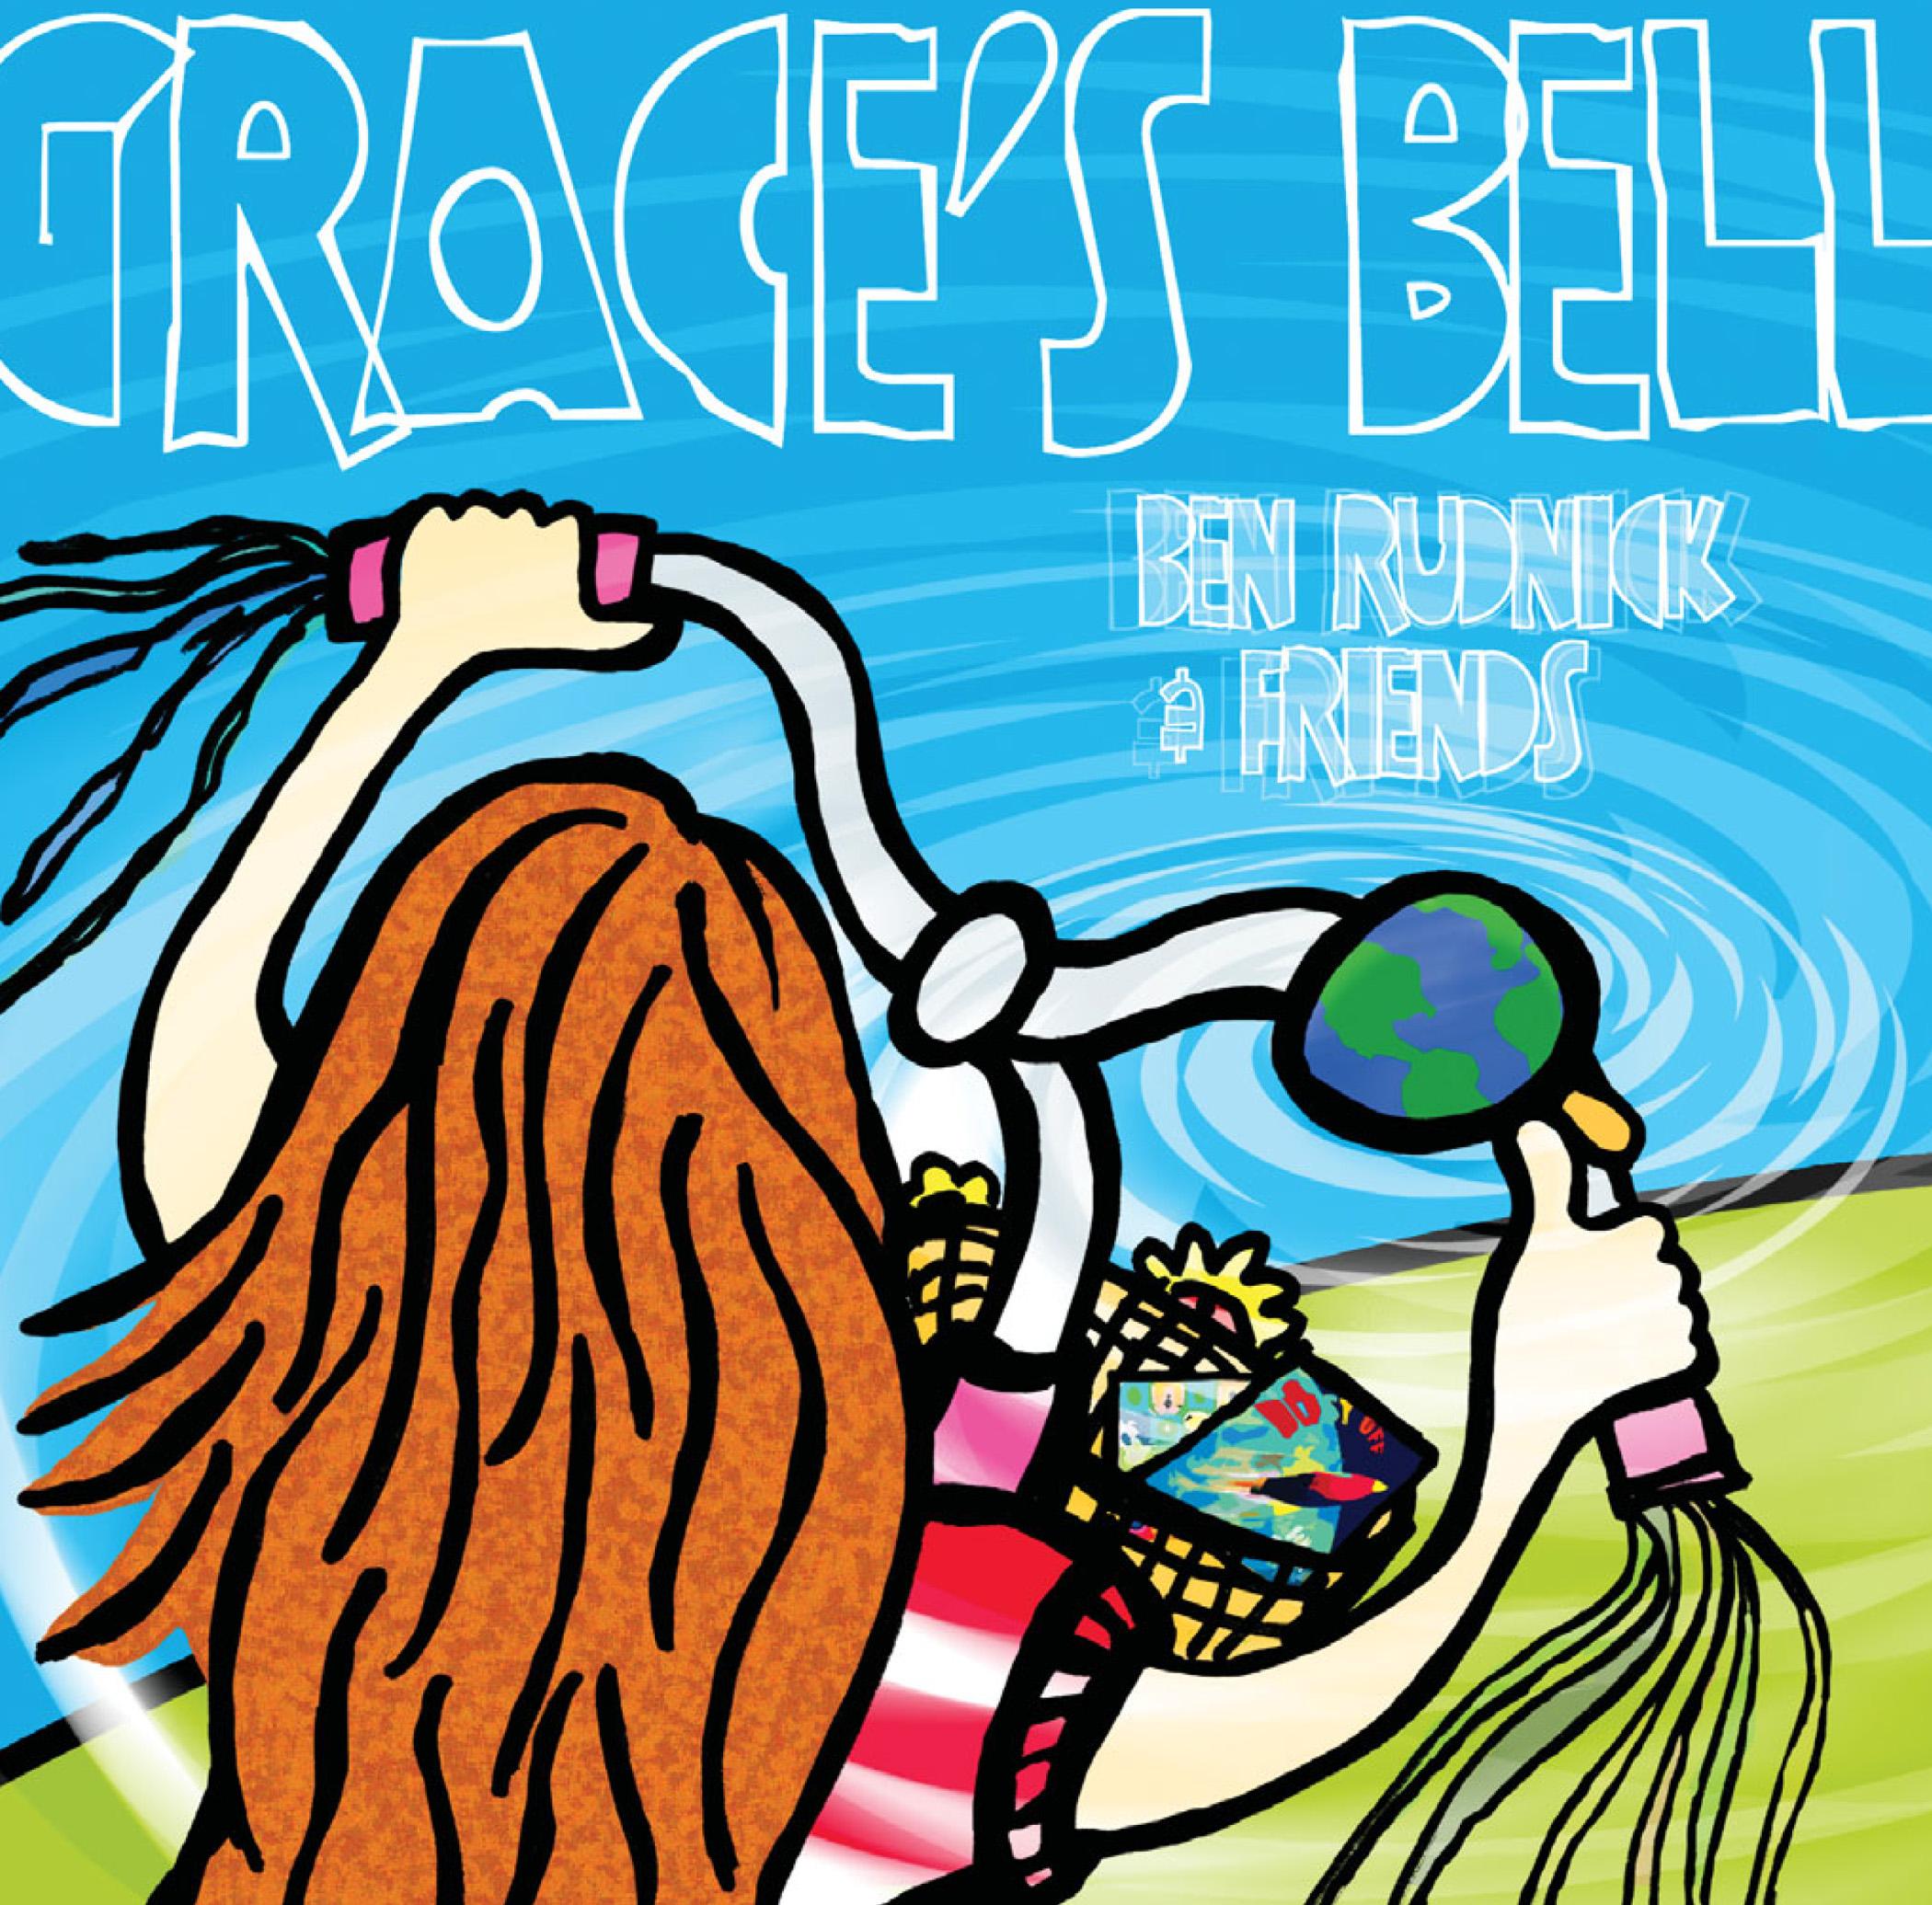 Grace's Bell by Ben Rudnick & Friends